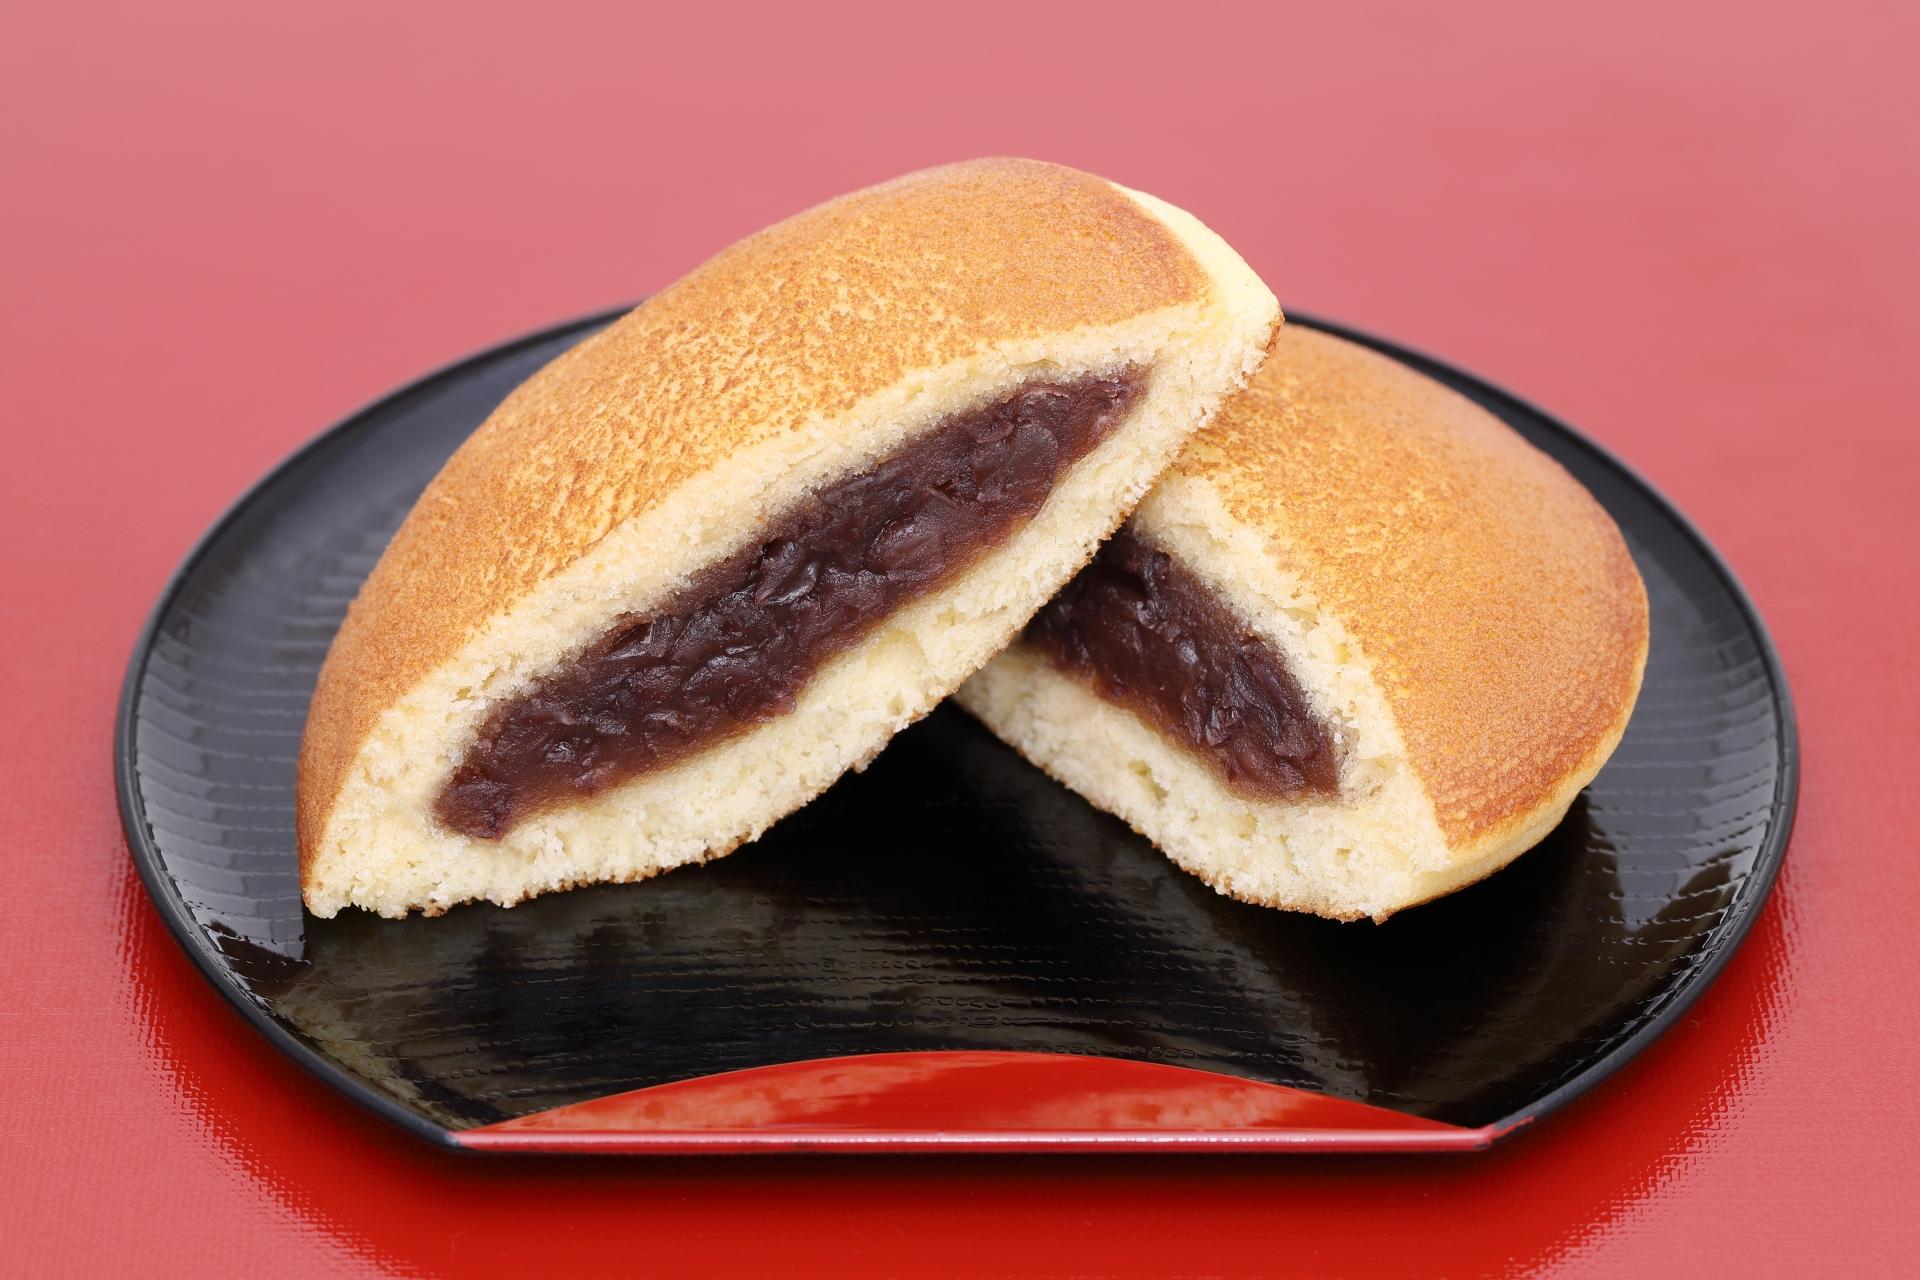 筋トレ前の栄養補給に「和菓子」が最強な理由 | ハンサム☆ビーチ